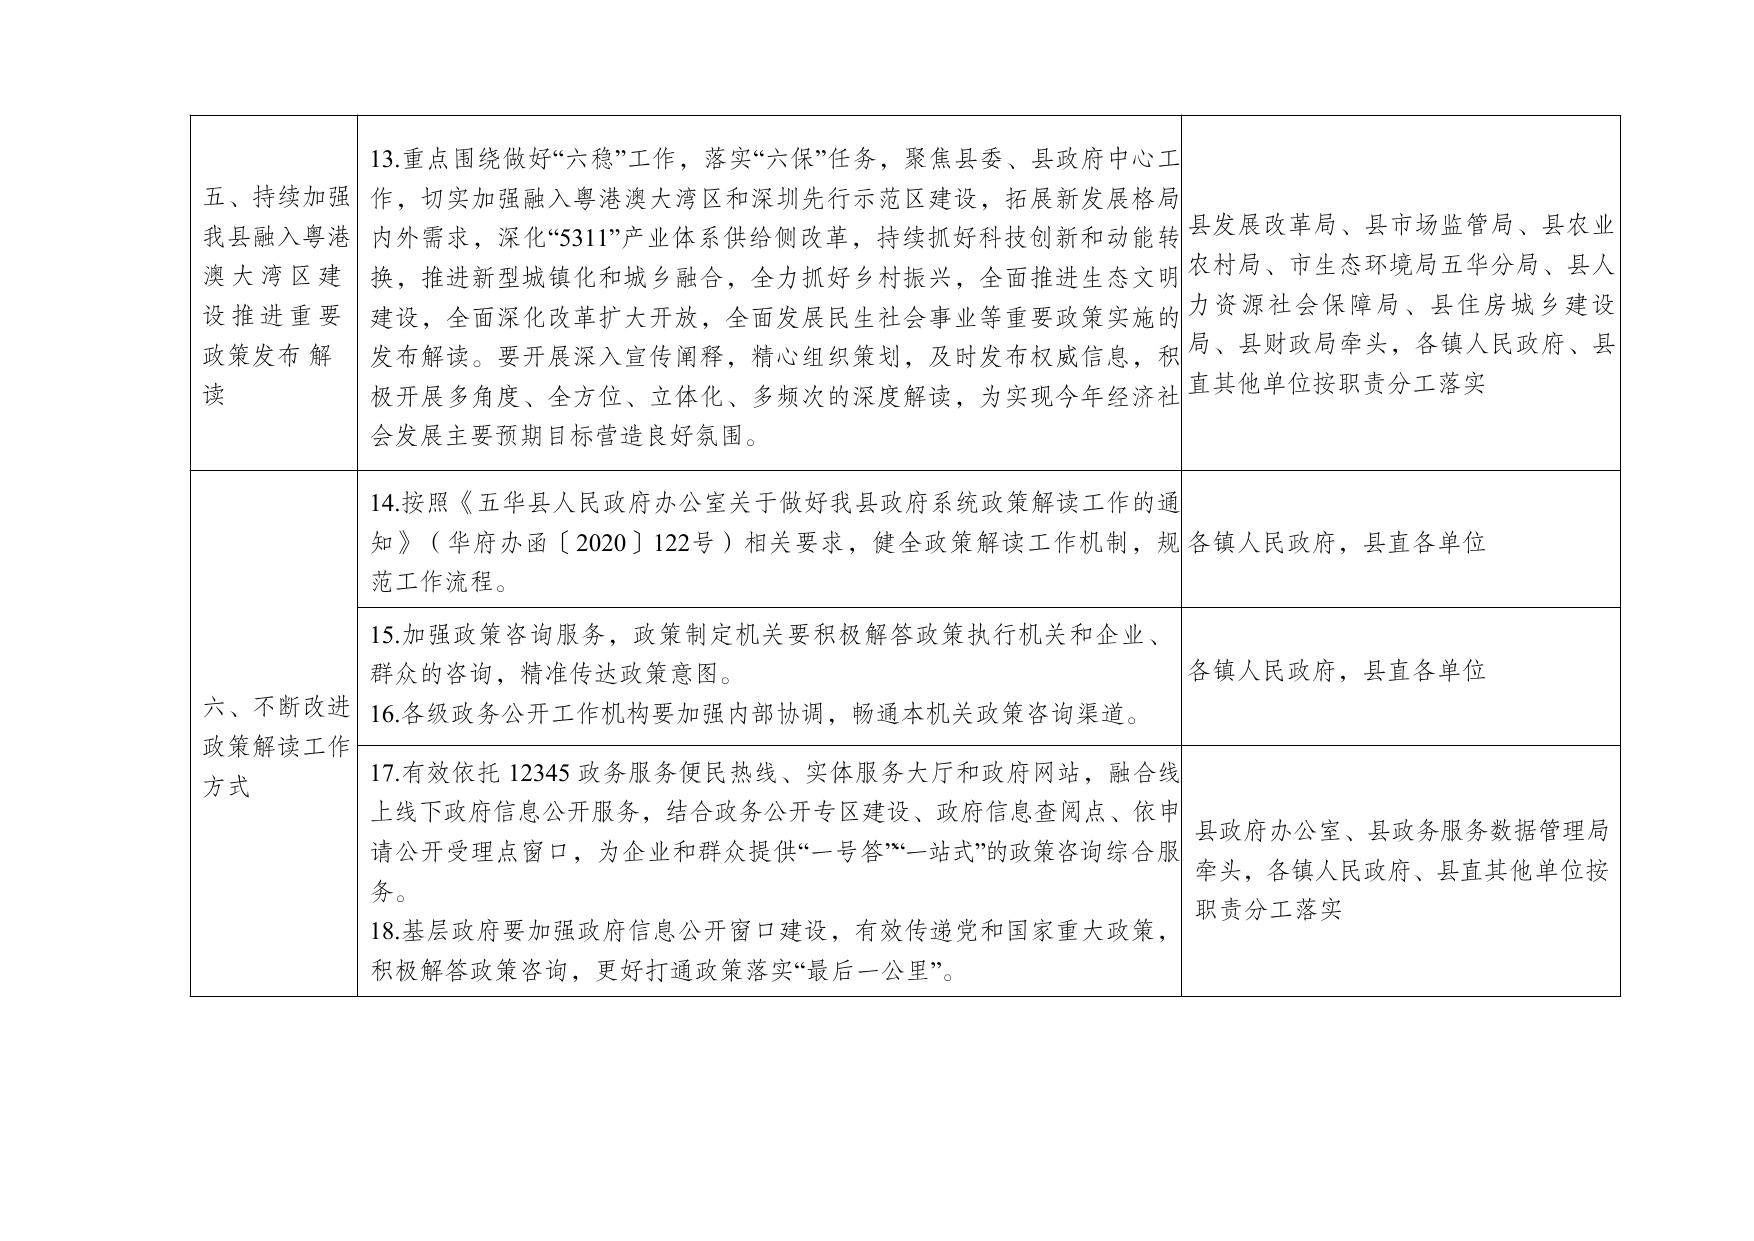 五华县人民政府办公室关于印发五华县2021年政务公开工作要点分工方案的通知0001.jpg